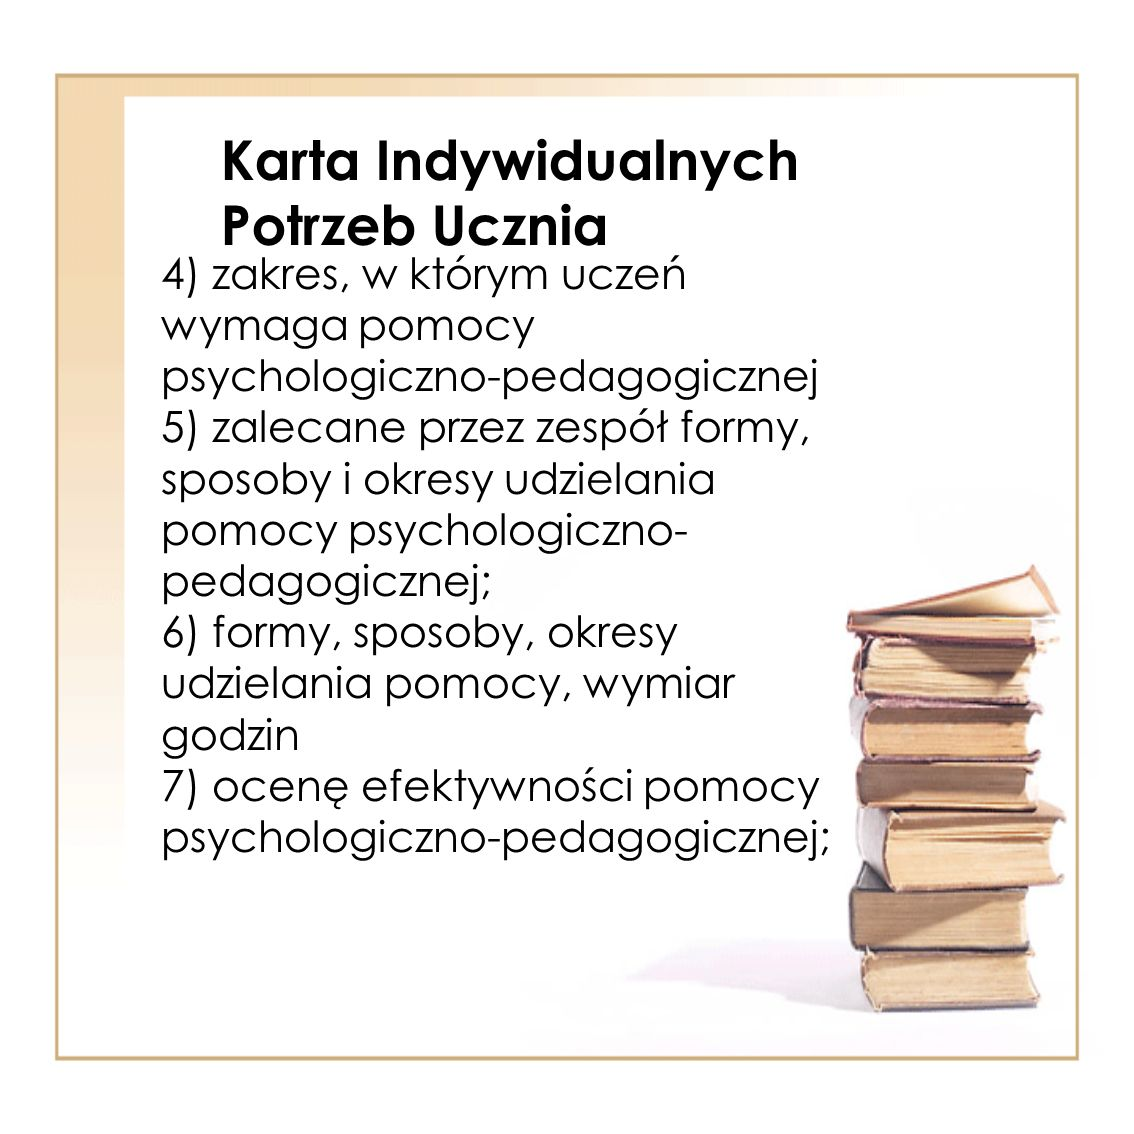 Karta Indywidualnych Potrzeb Ucznia 4) zakres, w którym uczeń wymaga pomocy psychologiczno-pedagogicznej 5) zalecane przez zespół formy, sposoby i okr